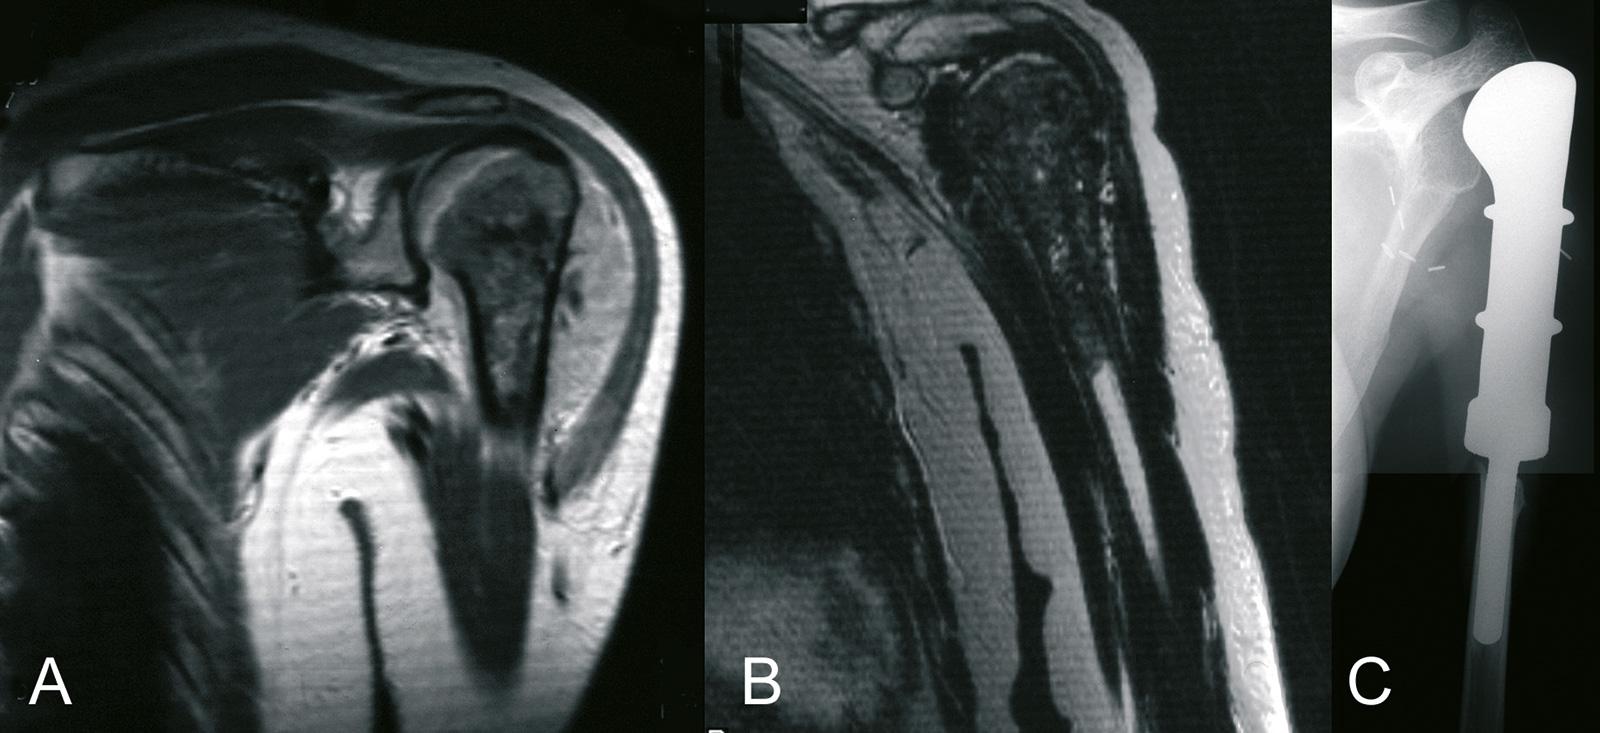 Abb. 8-8: Osteosarkom des proximalen Humerus (A-B). Nach Resektion und Defektrekonstruktion mit einer Tumorprothese (C)